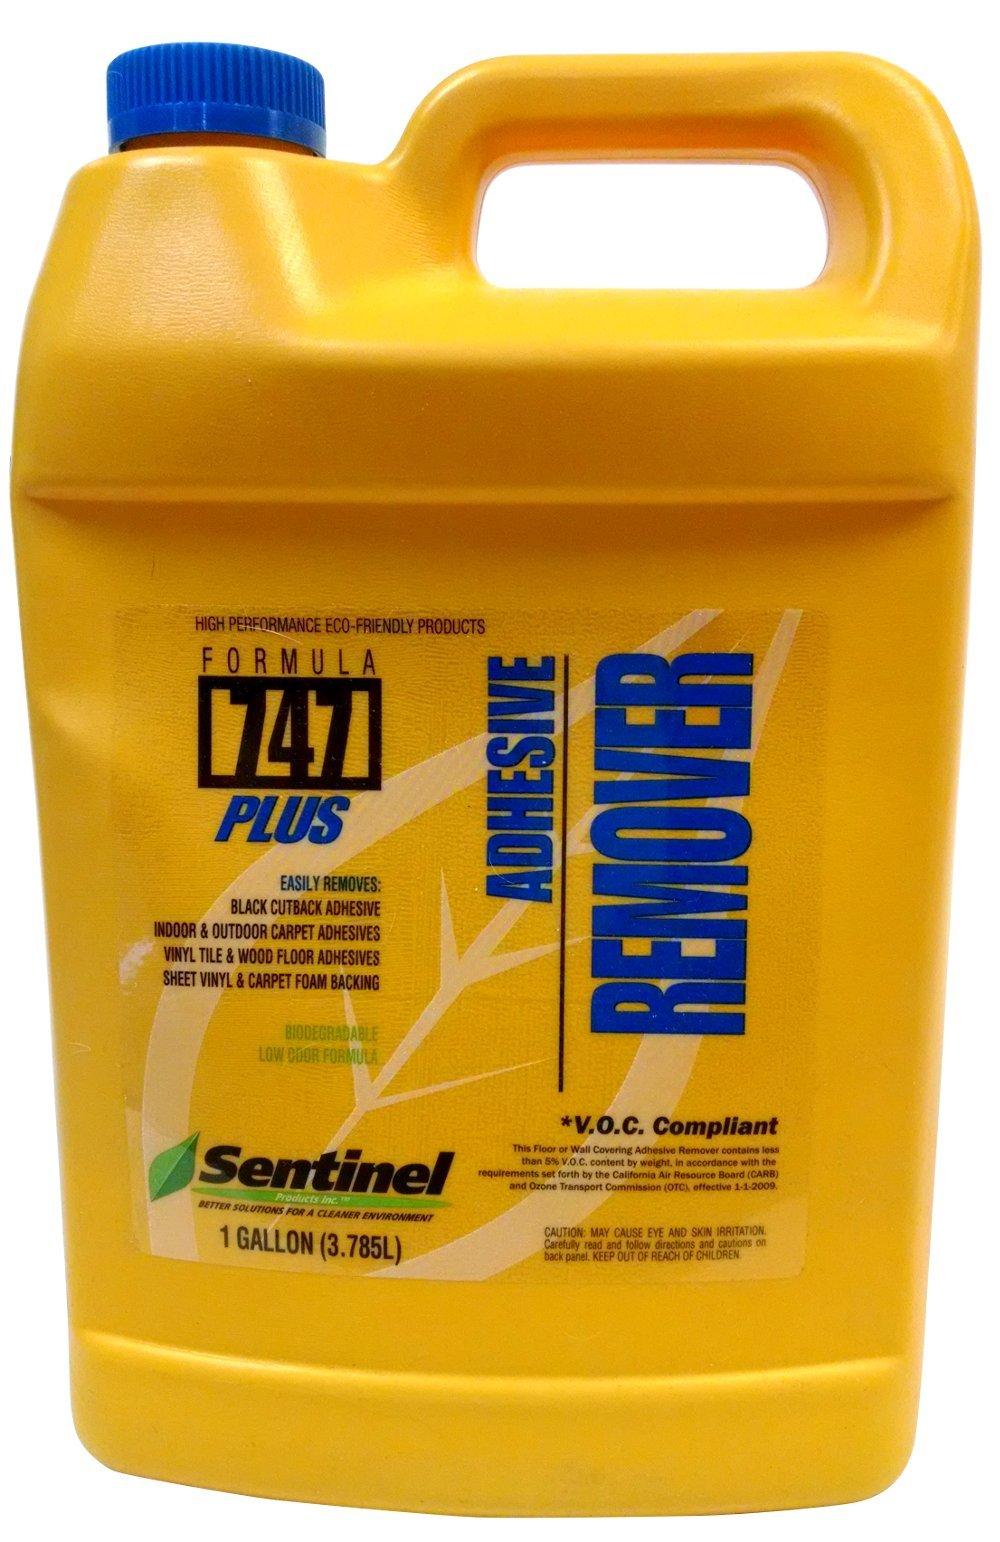 Sentinel 747 Plus Adhesive Remover 128 oz Gallon